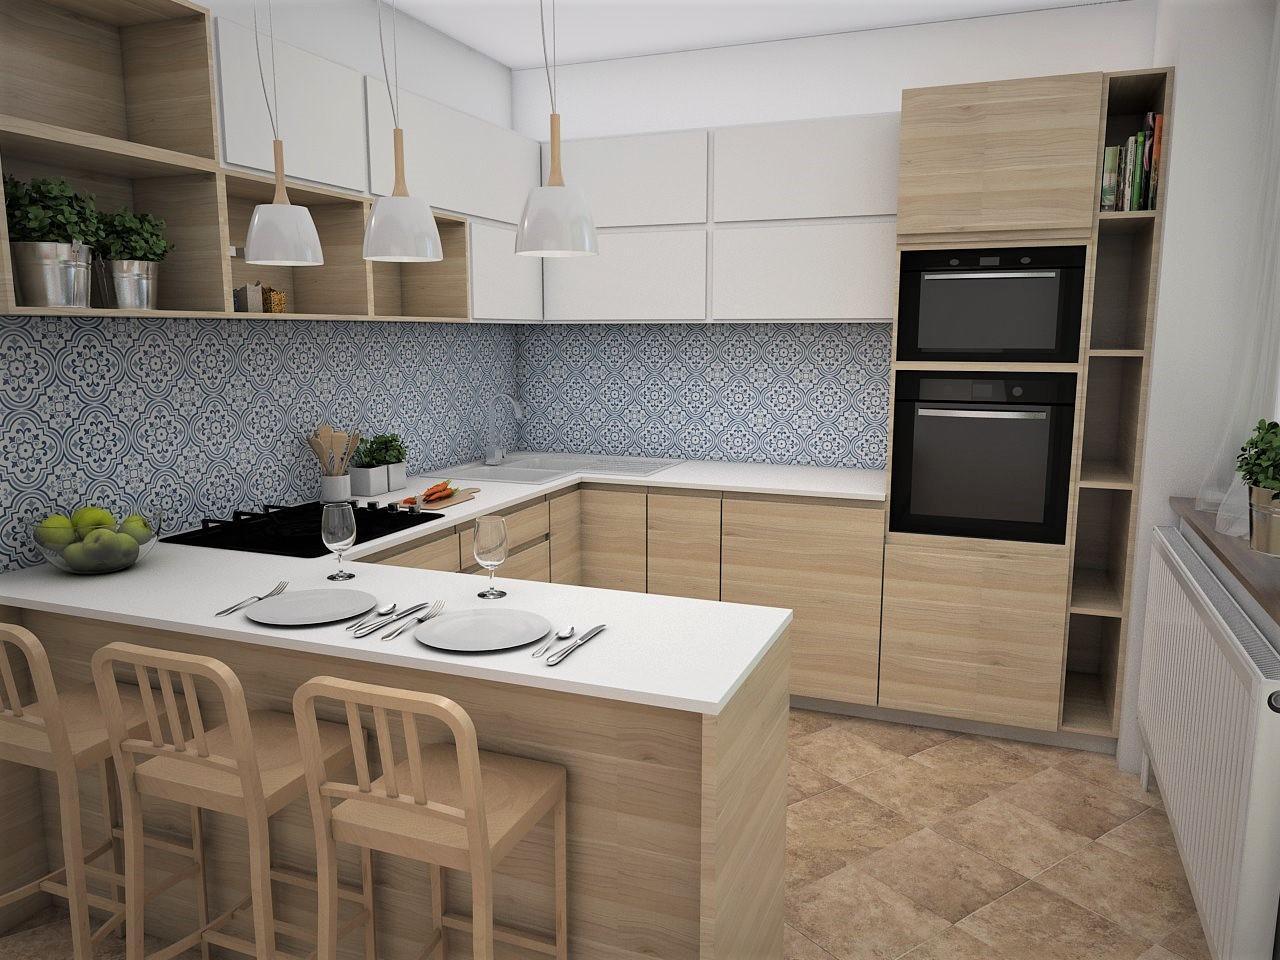 Kuchyne- vizualizácie - Obrázok č. 9